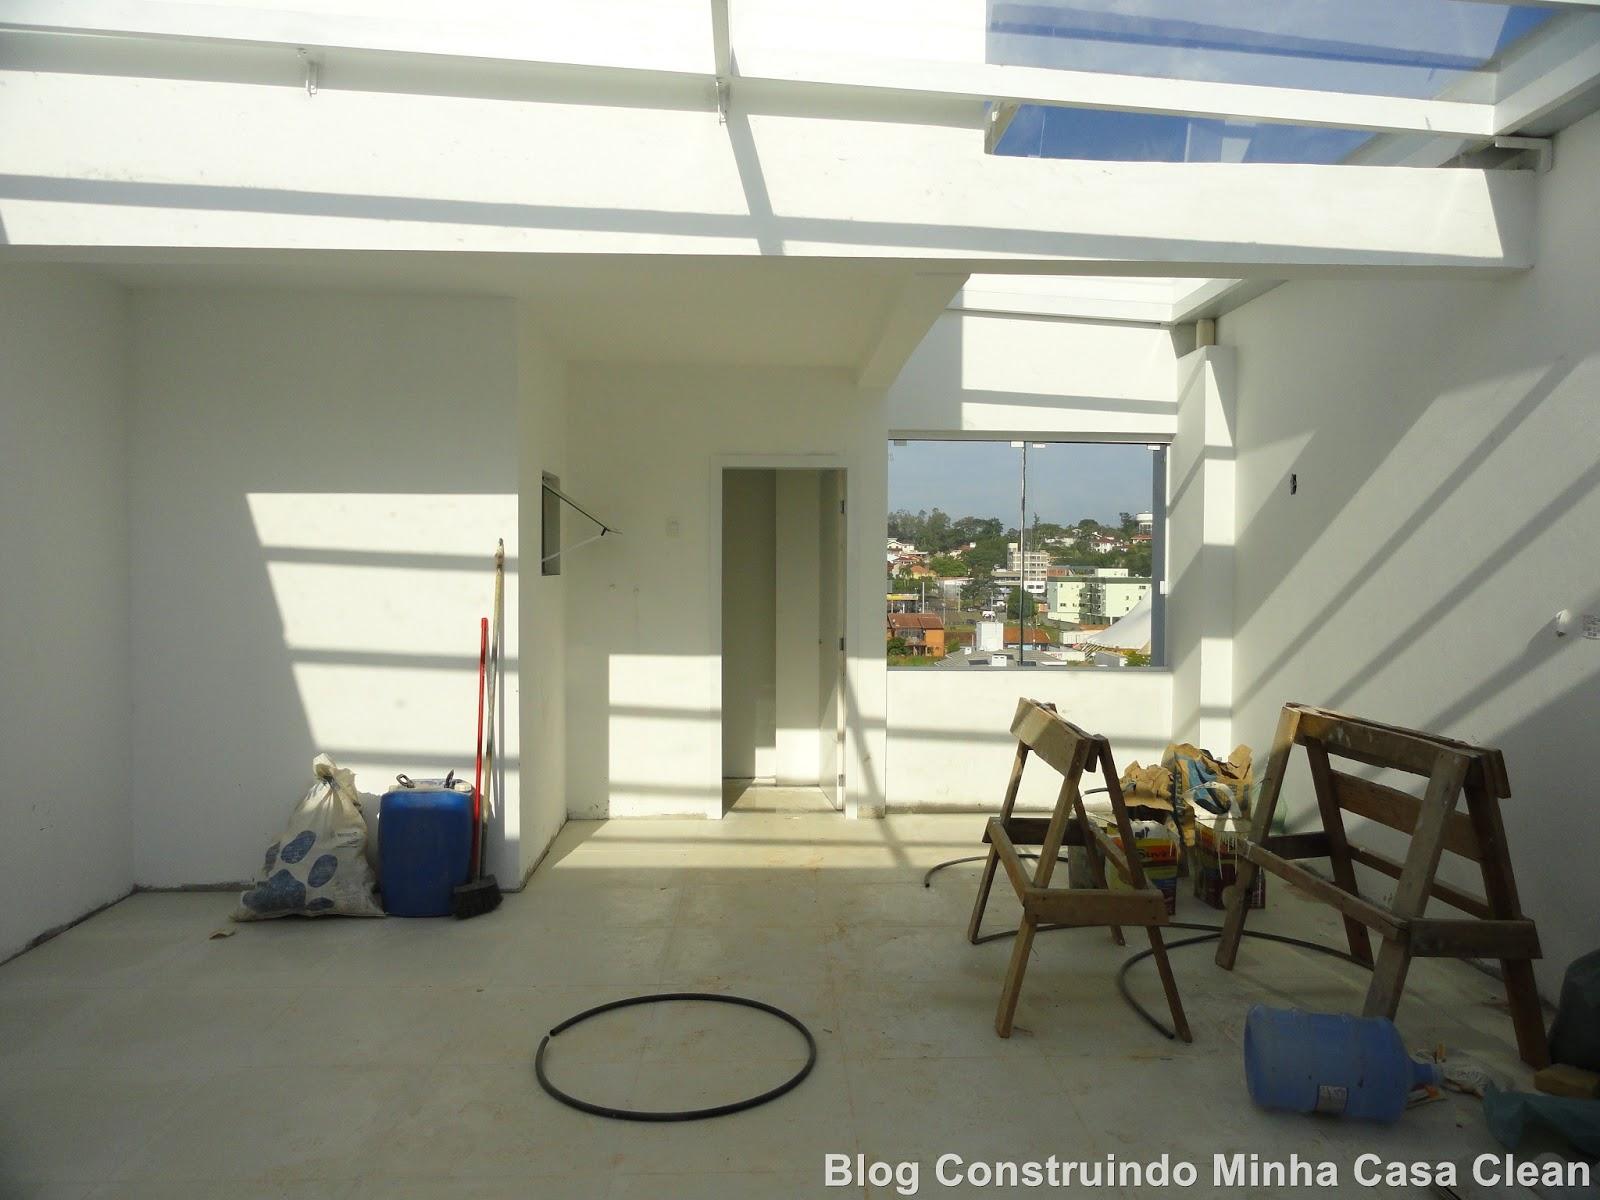 #7C814A Construindo Minha Casa Clean: A Casa Toda com Rejuntes Tomadas Vasos  226 Janelas De Vidro Para Lavanderia